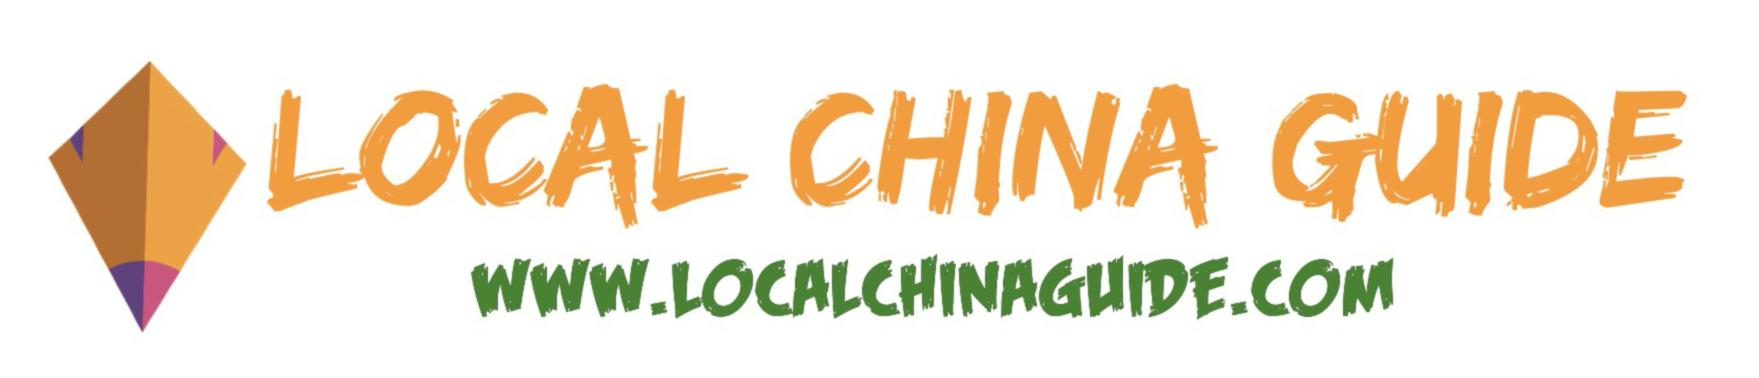 China Tibet Tours,Cars,Hotels,Guide   Tibetan Kham Xinlong County Travel Guide,Explore Xinlong Sichuan Guide